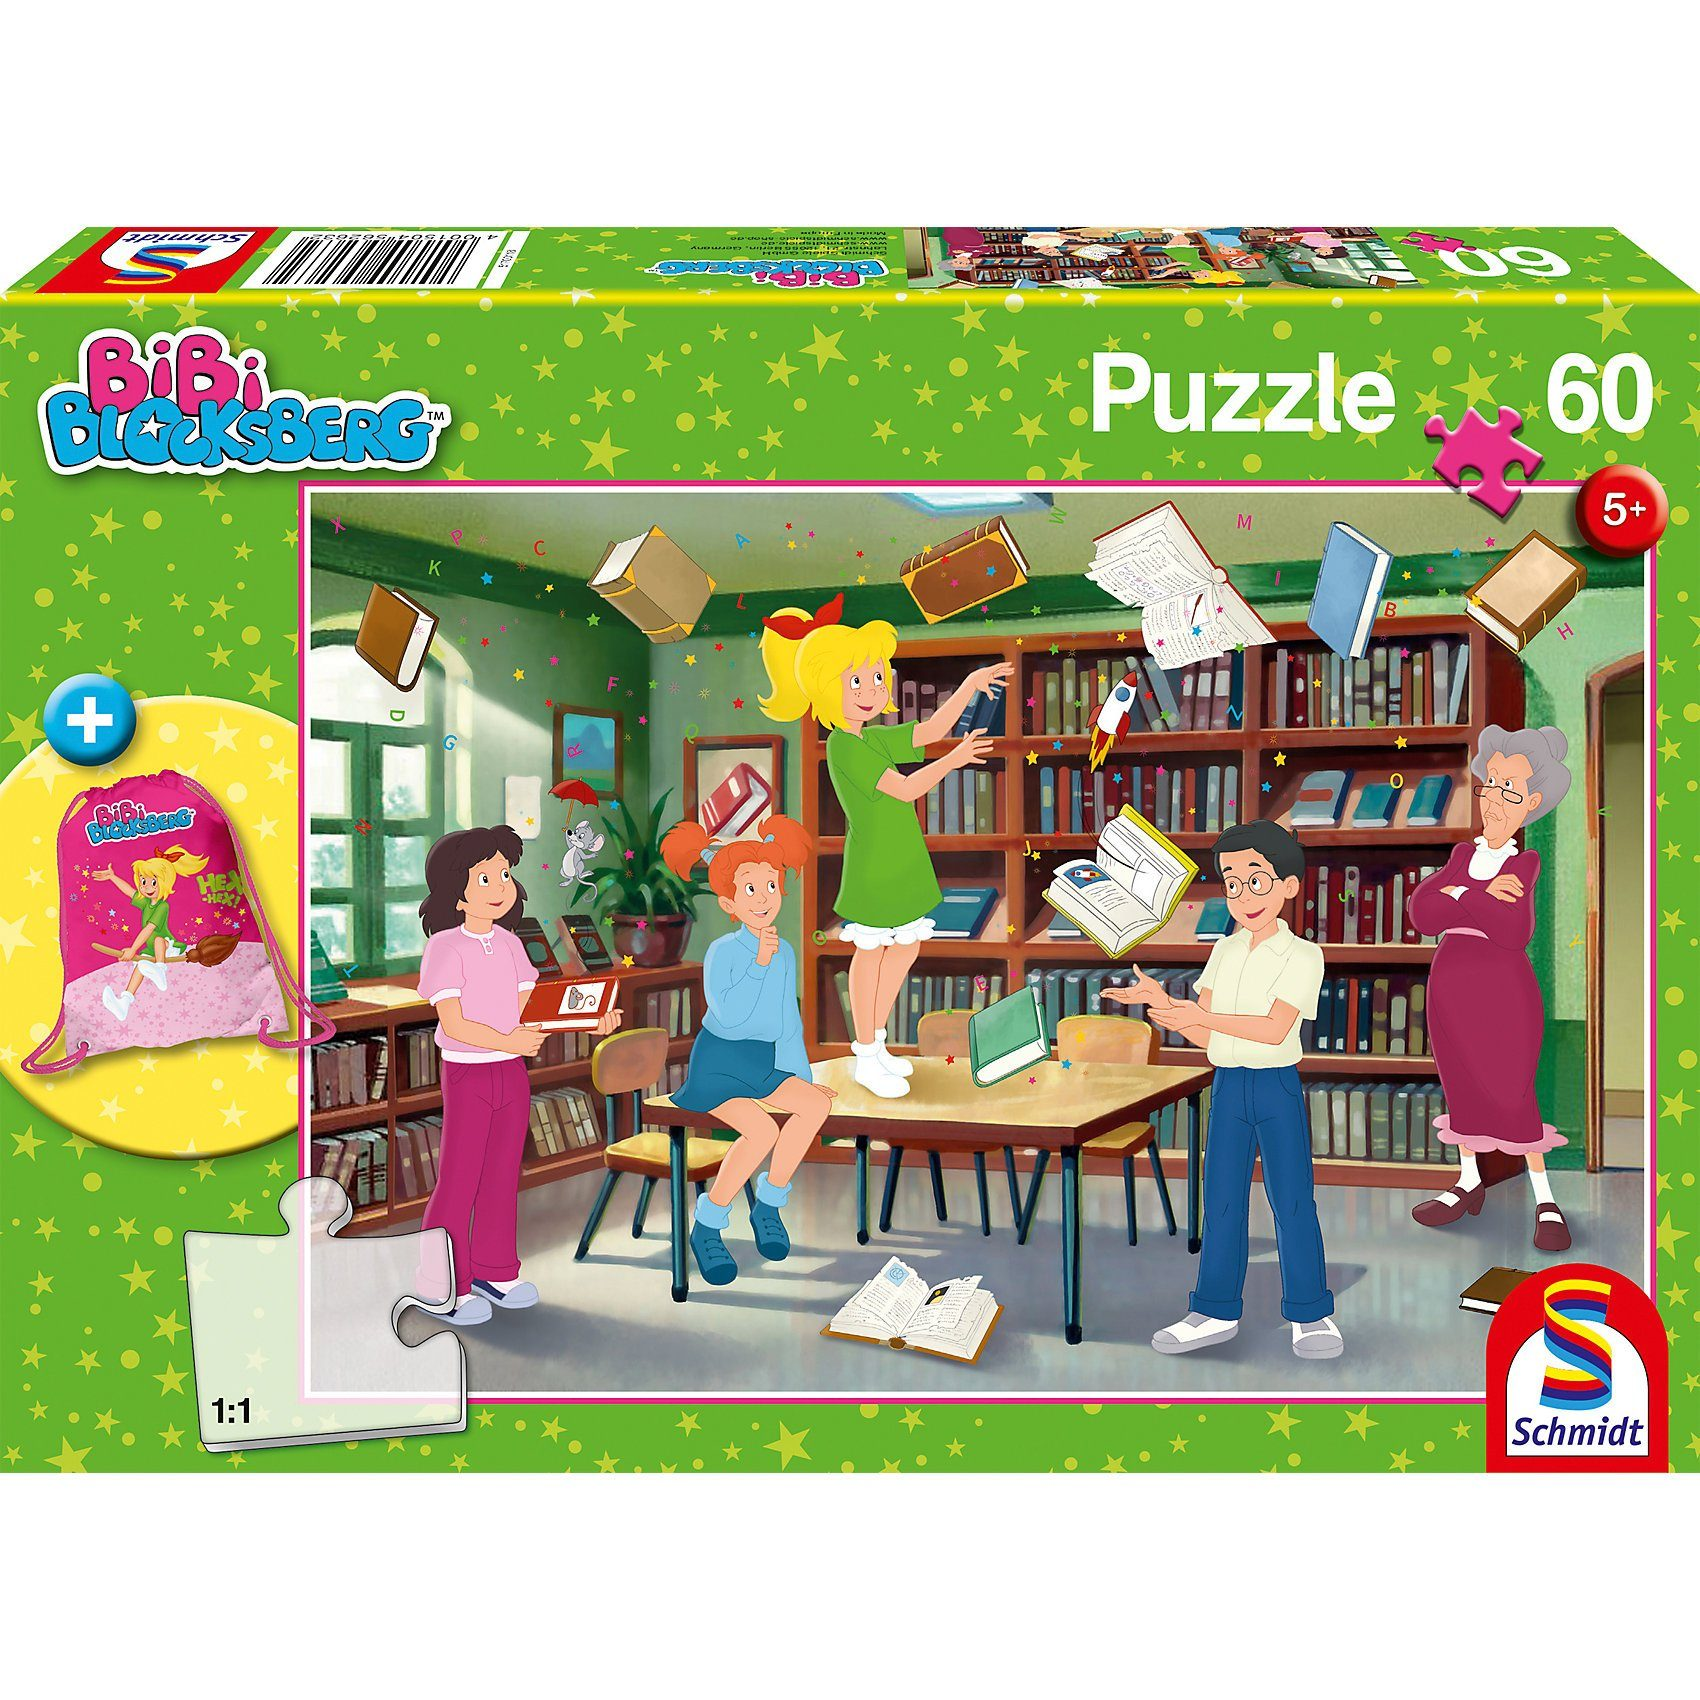 Schmidt Spiele Puzzle 60 Teile Bibi Blocksberg mit Turnbeutel